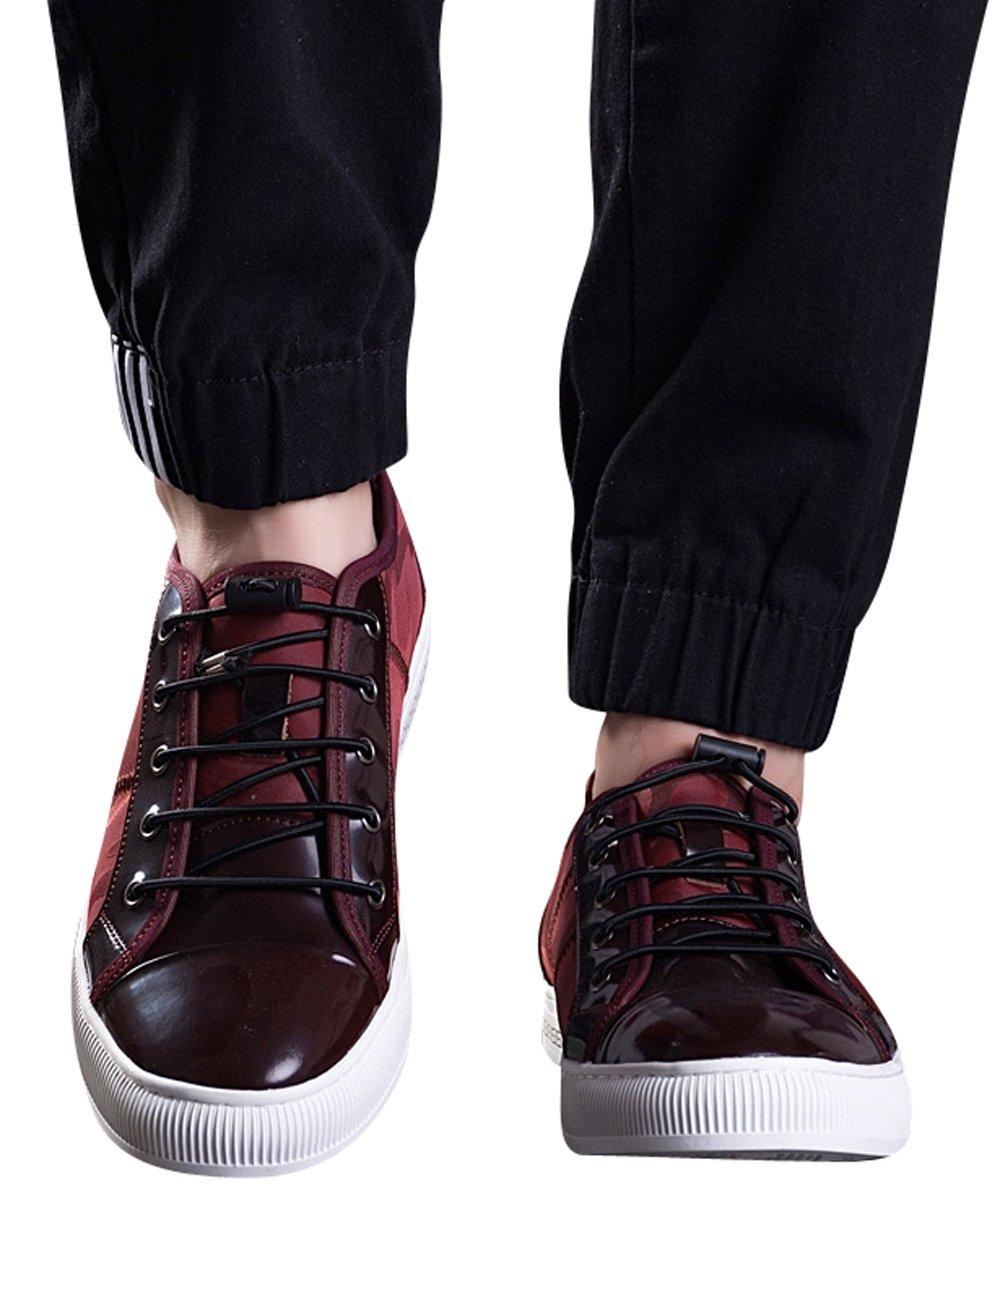 separation shoes a3aea 39fc0 Menschwear Herren Schnuumlr Echtleder Sportschuhe Outdoor Leicht und  Atmungsaktiv Sneaker Runder Zeh 47 EU